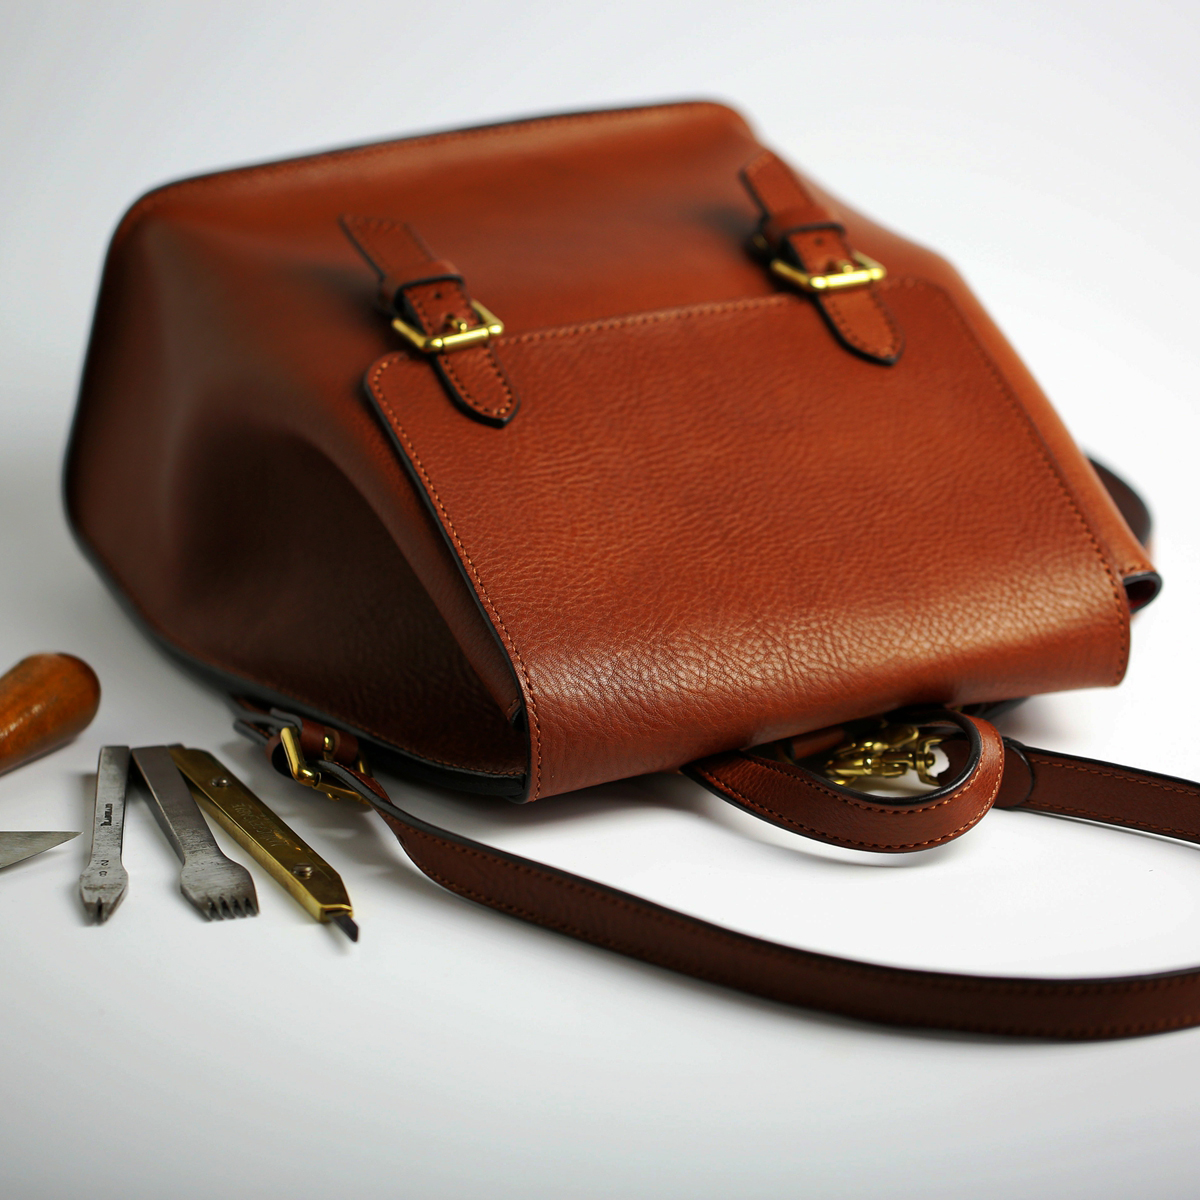 西苏手造 手工皮具2016秋季新款原创时尚英伦双肩包